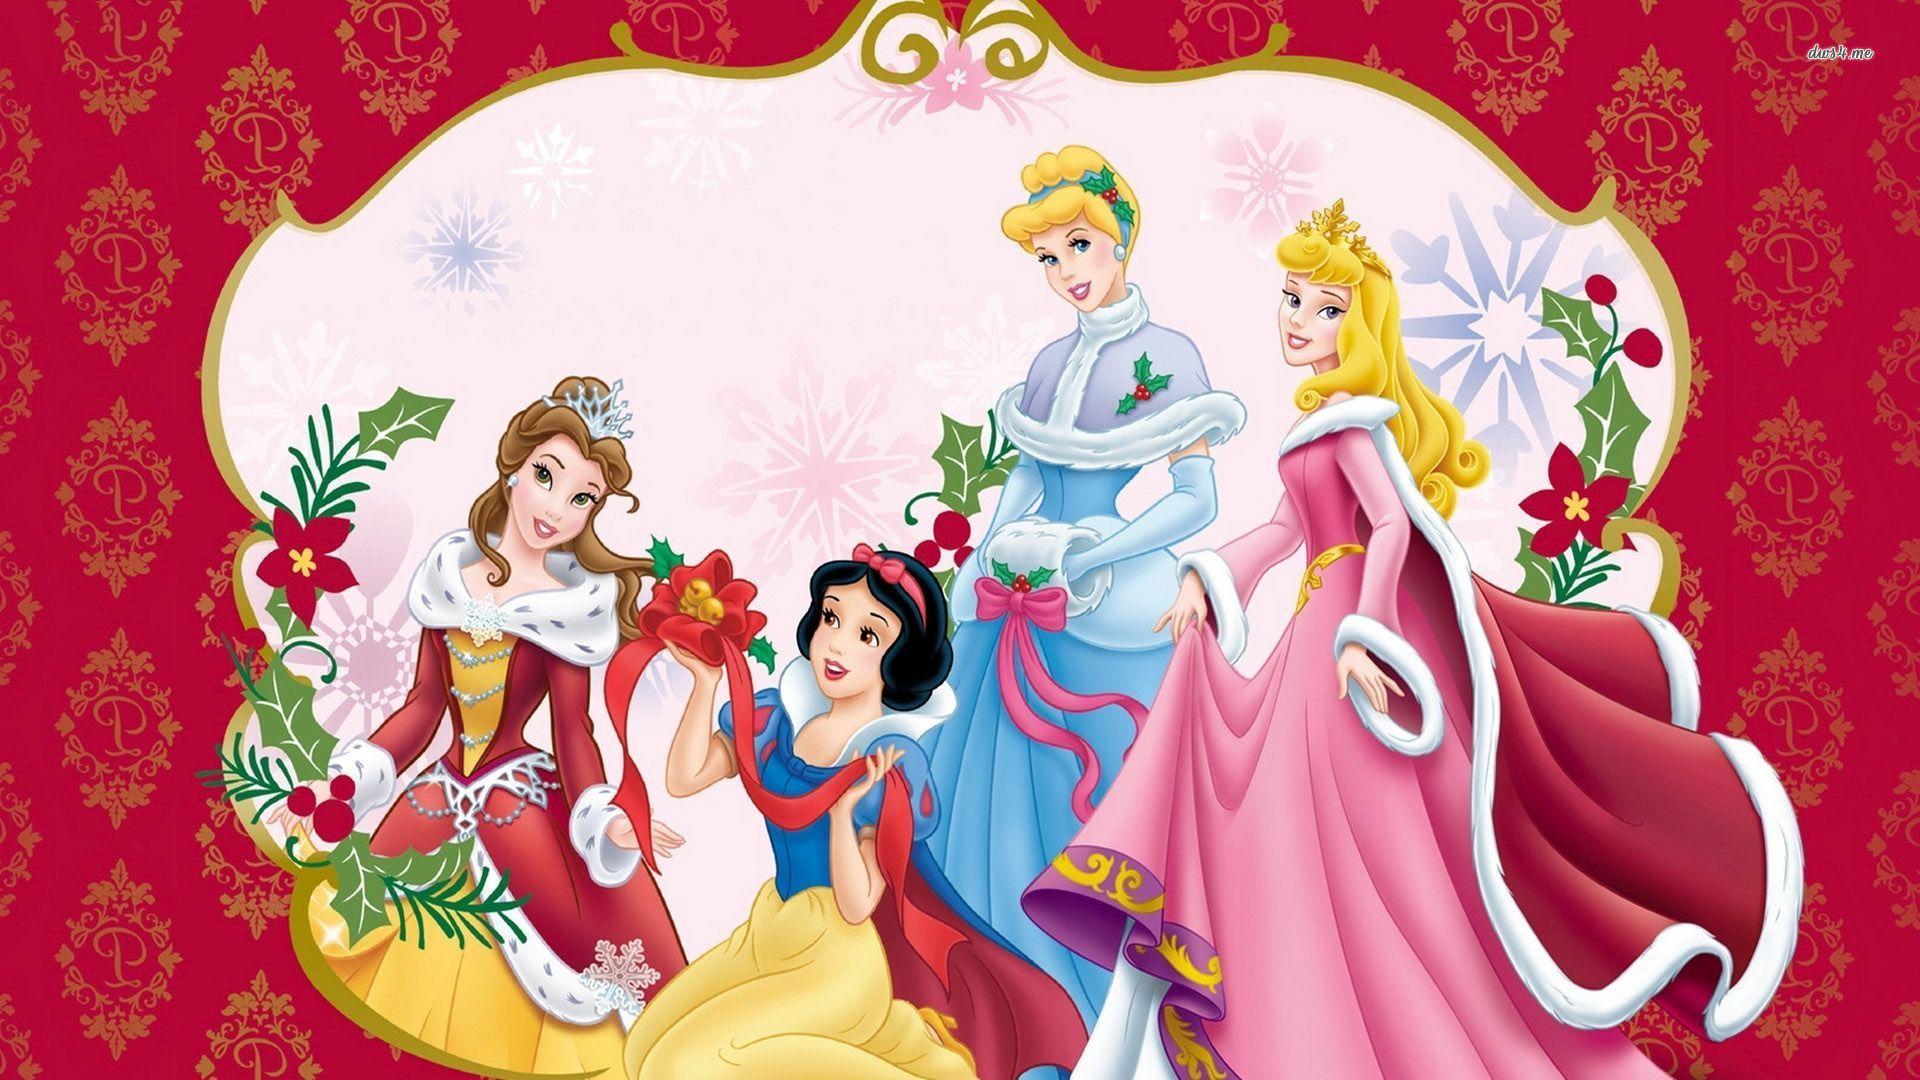 Download Disney Princess Full Hd 727932 Hd Wallpaper